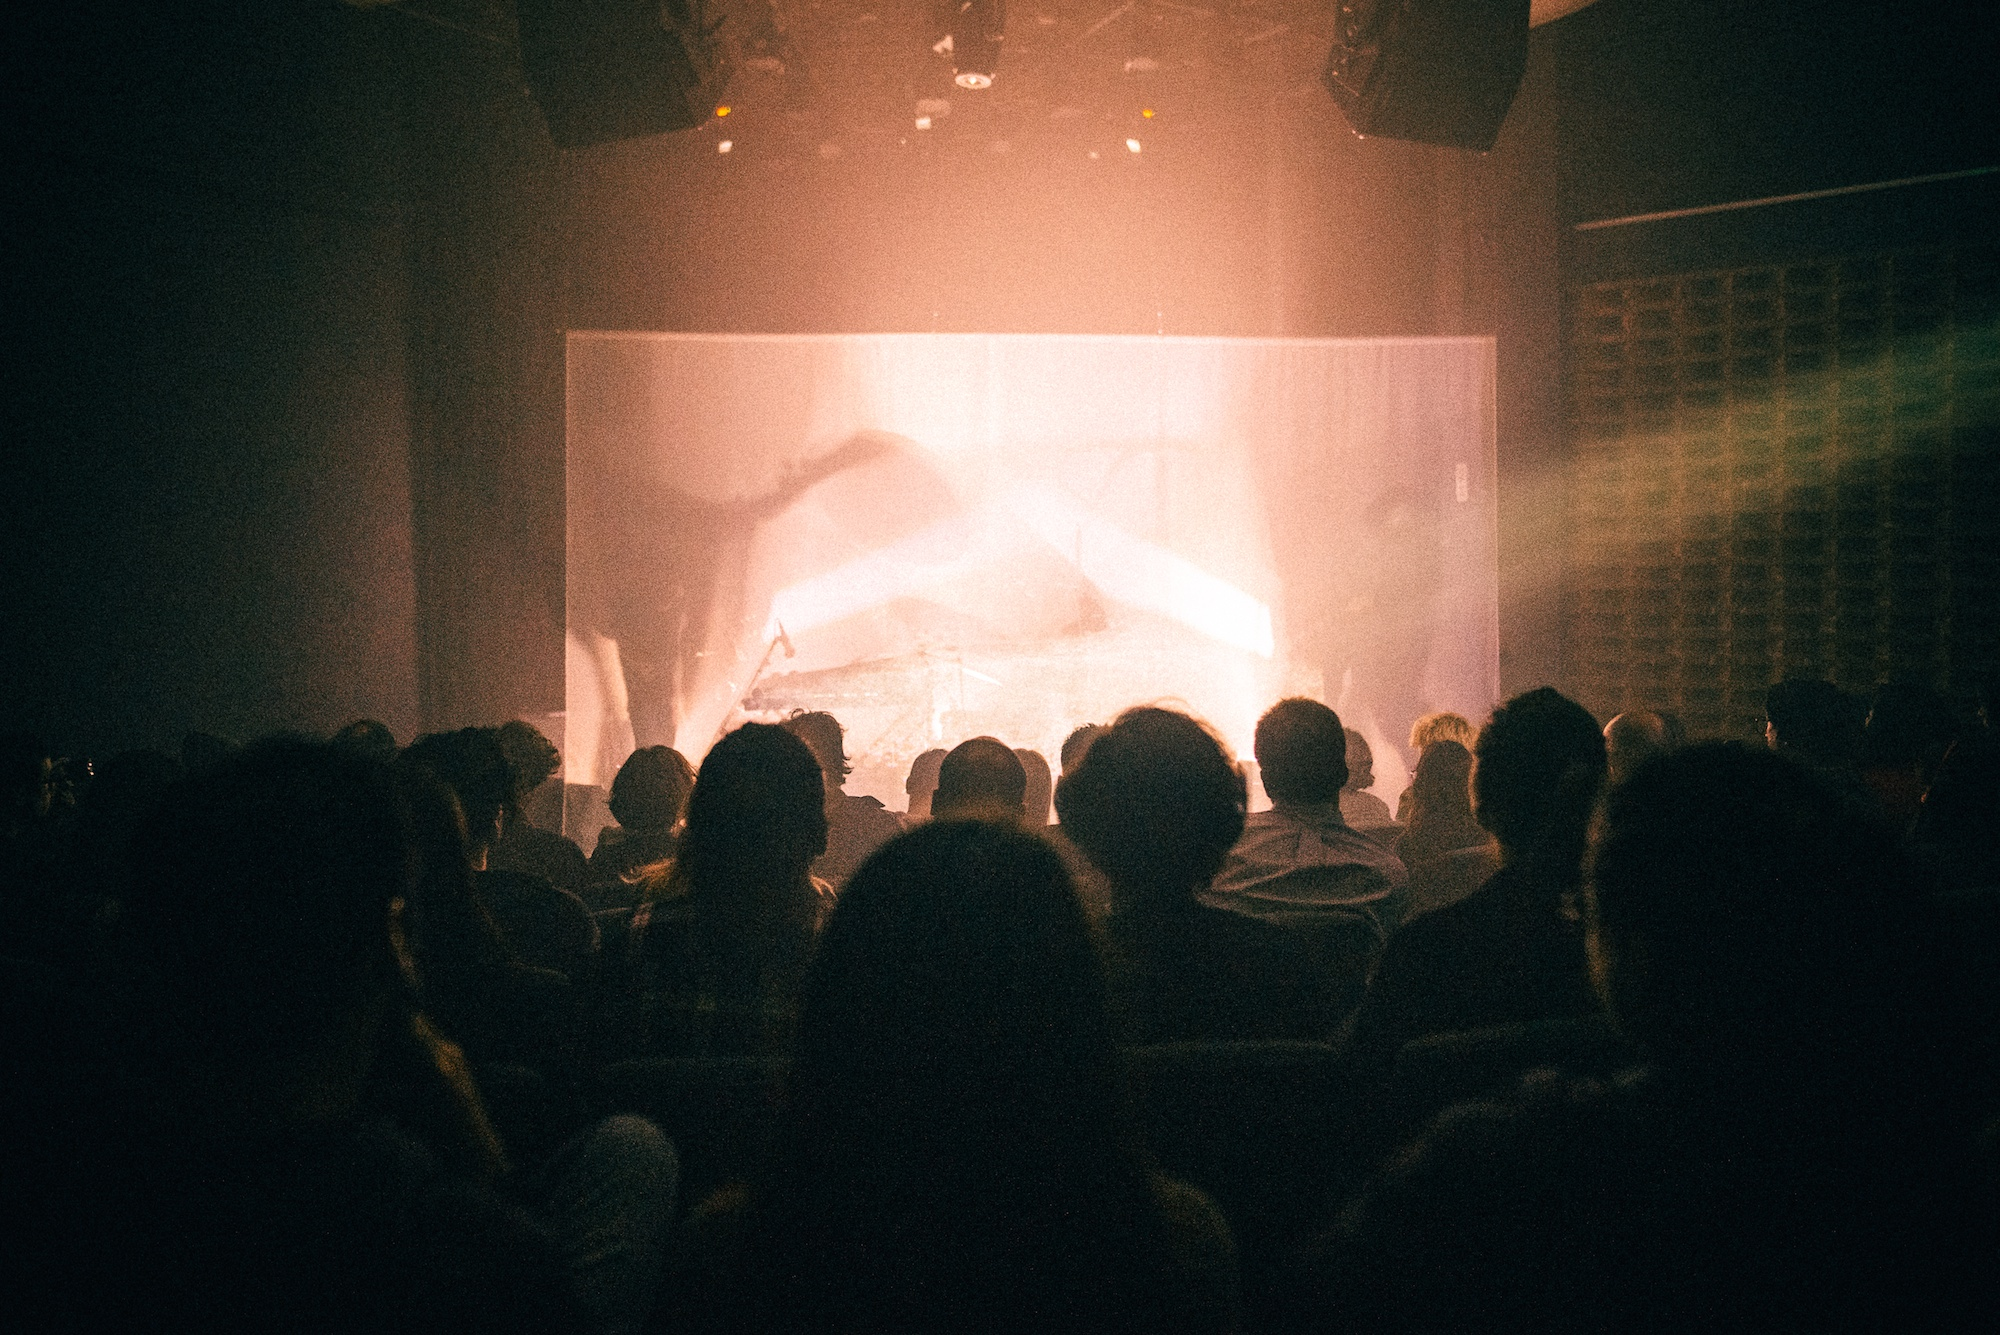 La Ciencia Simple musicalizará fragmentos del film Stalker, de Tarkovsky, en la nueva etapa del Ciclo LeRock